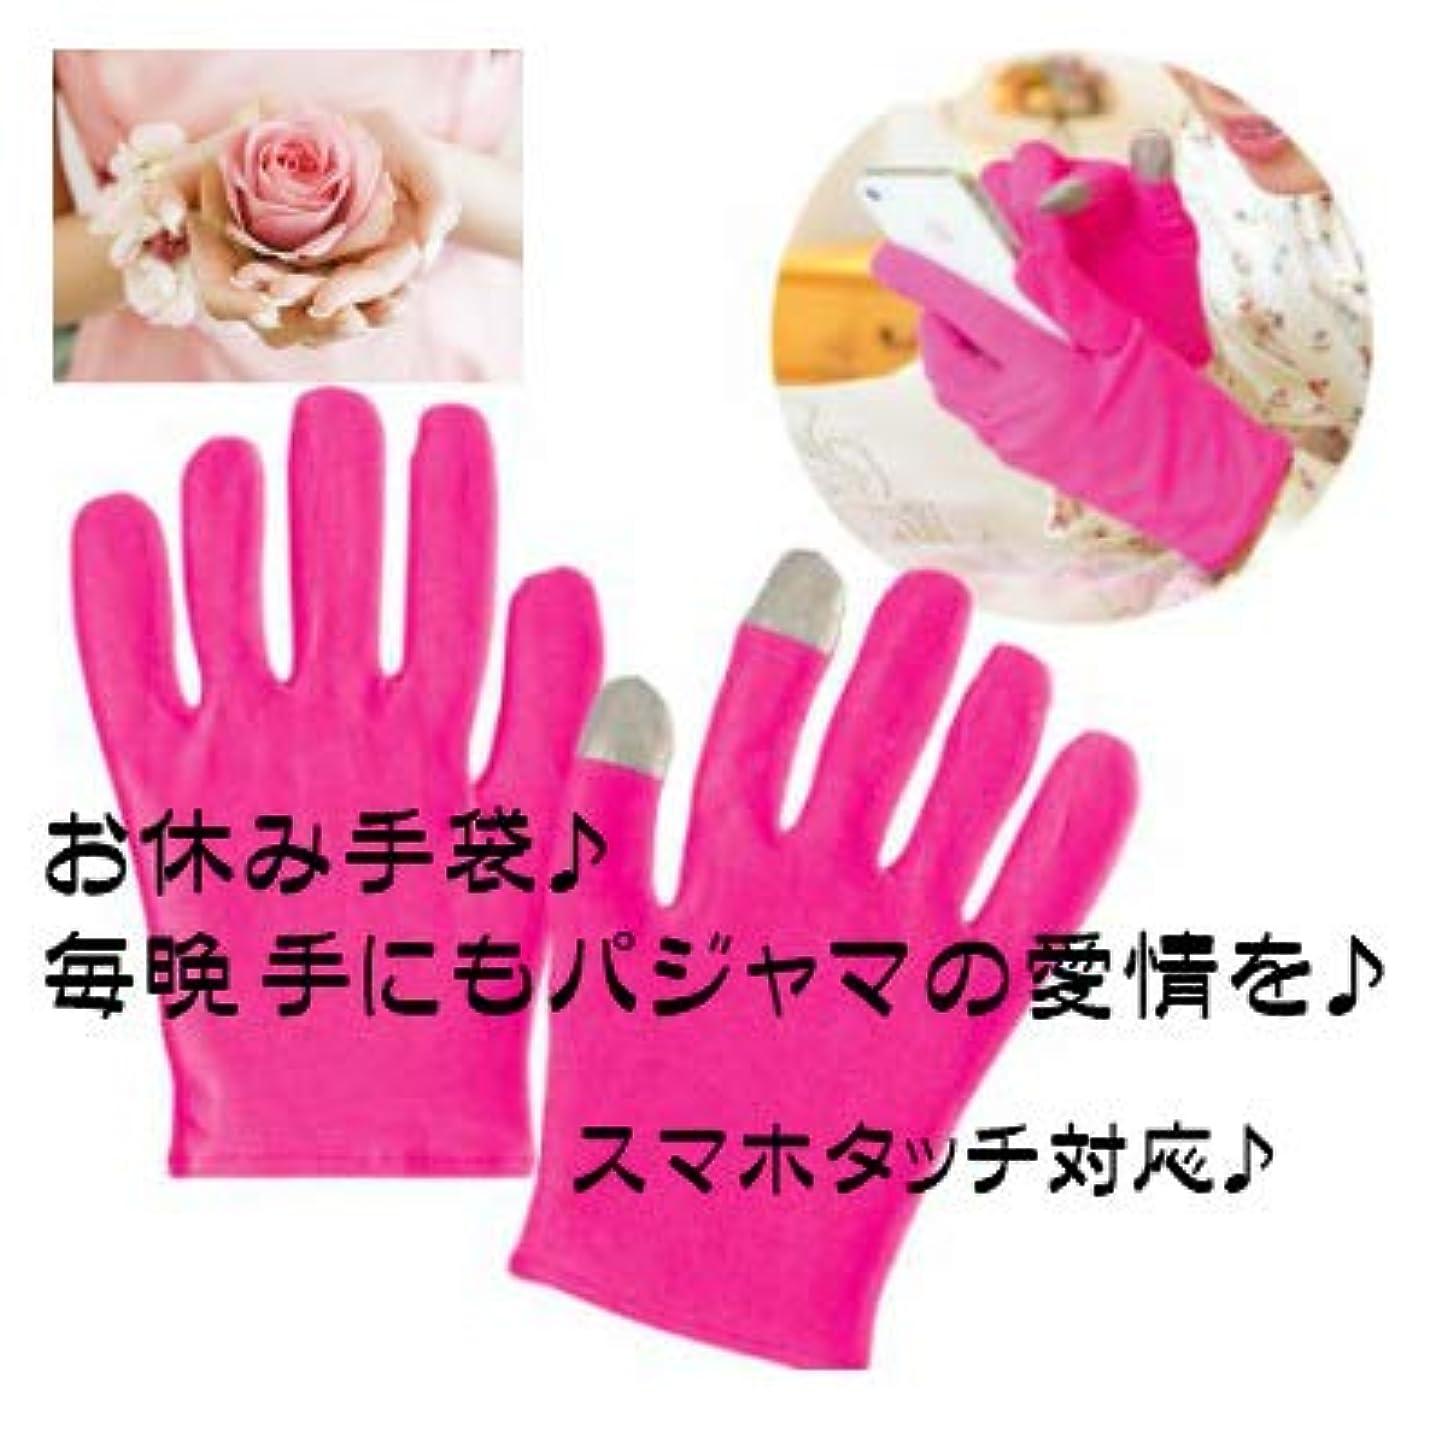 思いやりしなければならない長老●美容ハンドケア手袋 就寝手袋 スマホタッチ対応 おやすみ手袋保湿手袋ネイルケア